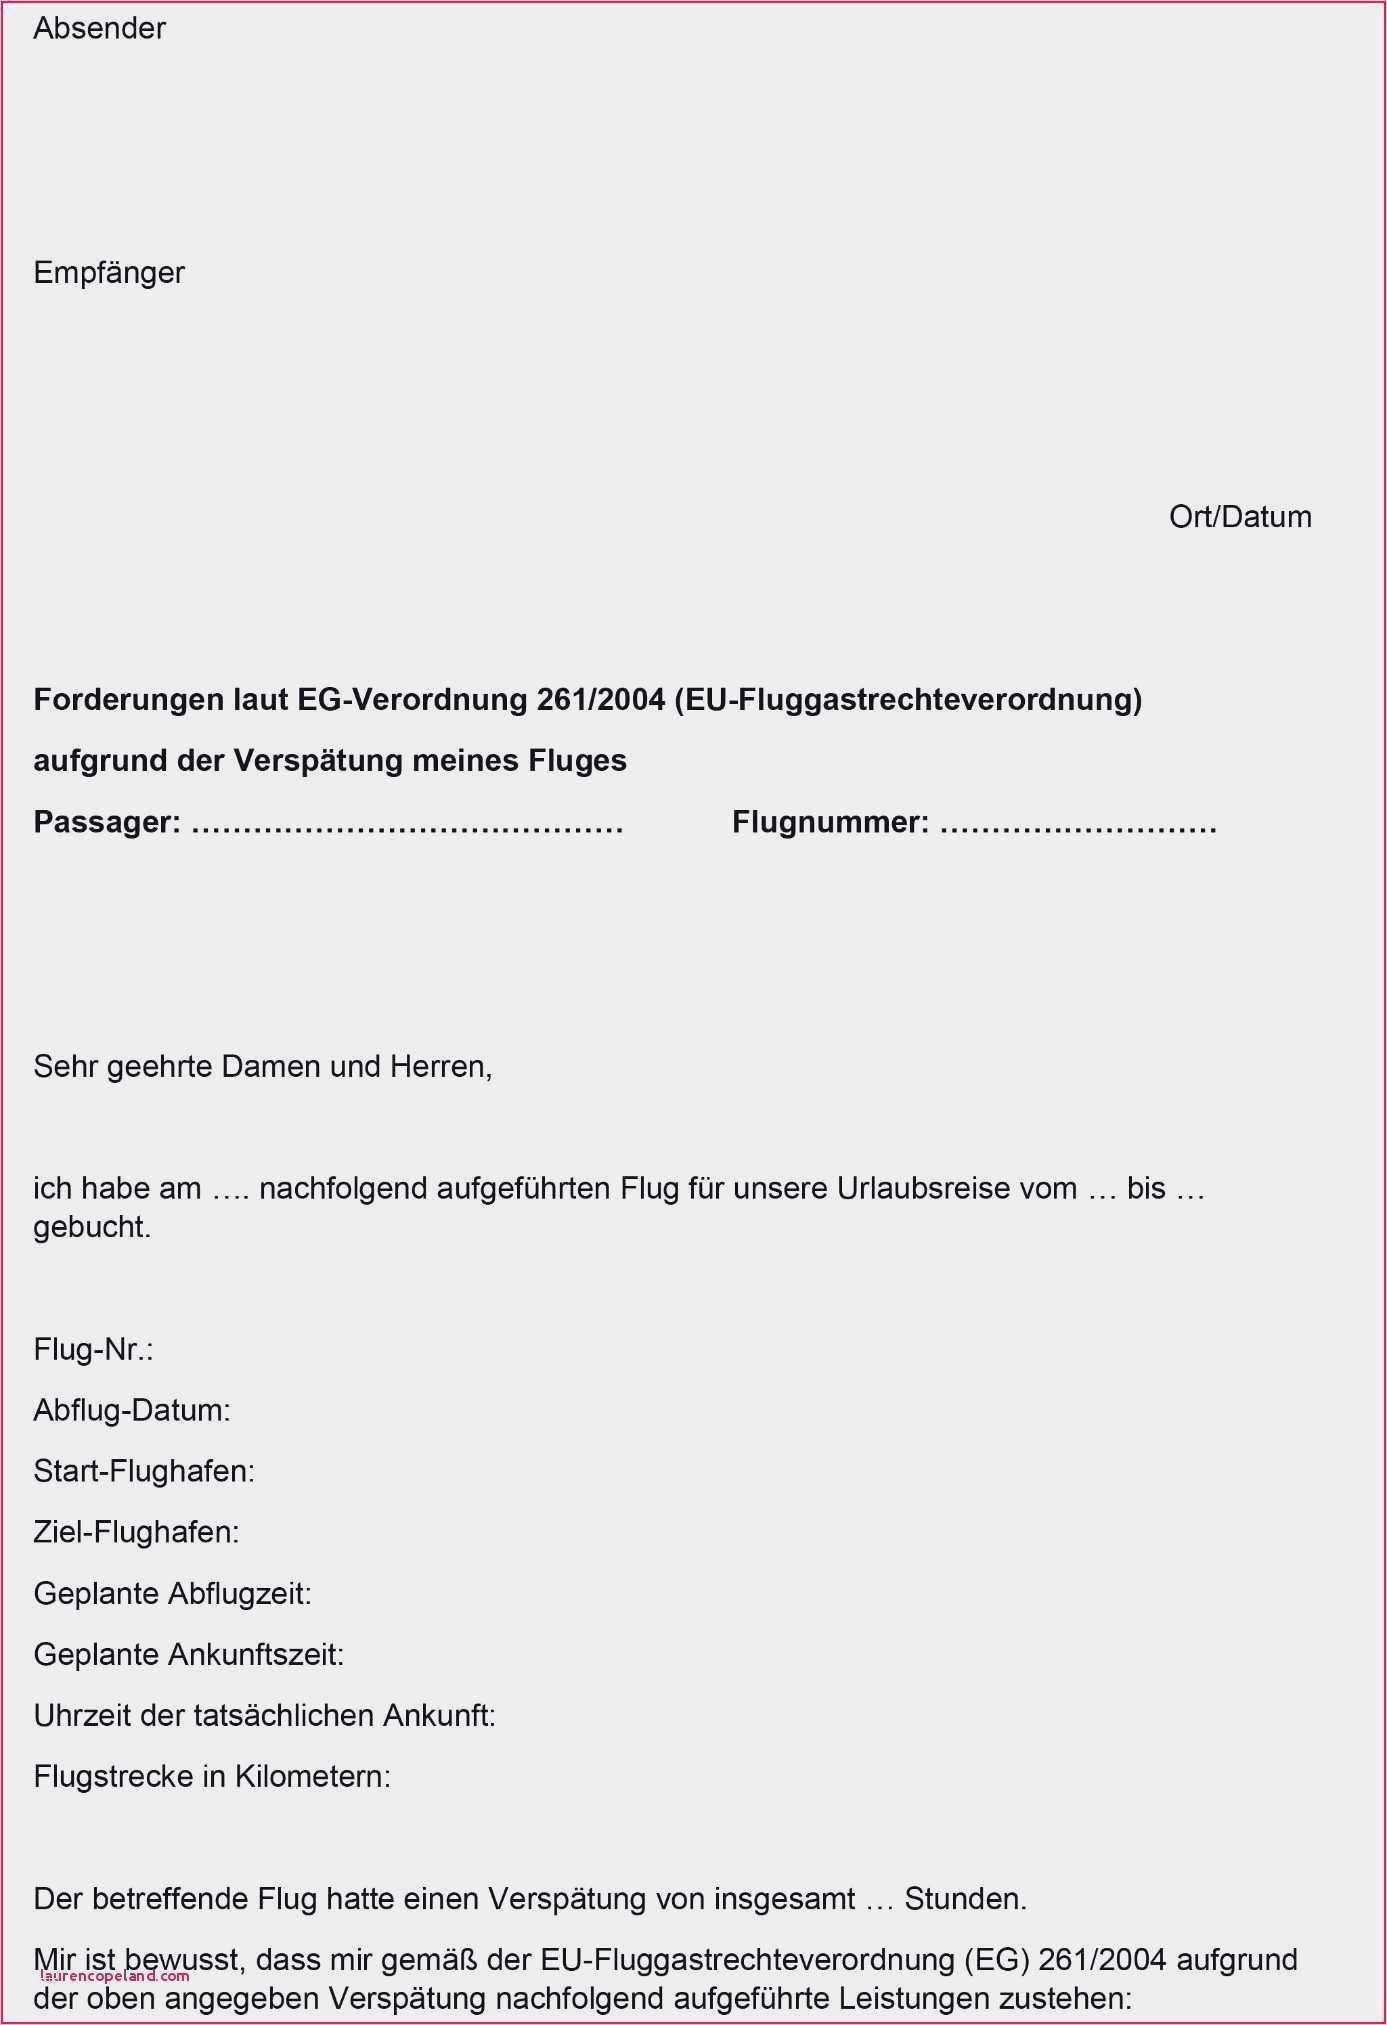 36 Erstaunlich Unitymedia Kundigung Vorlage Wegen Umzug Foto Vorlagen Word Vorlagen Briefvorlagen